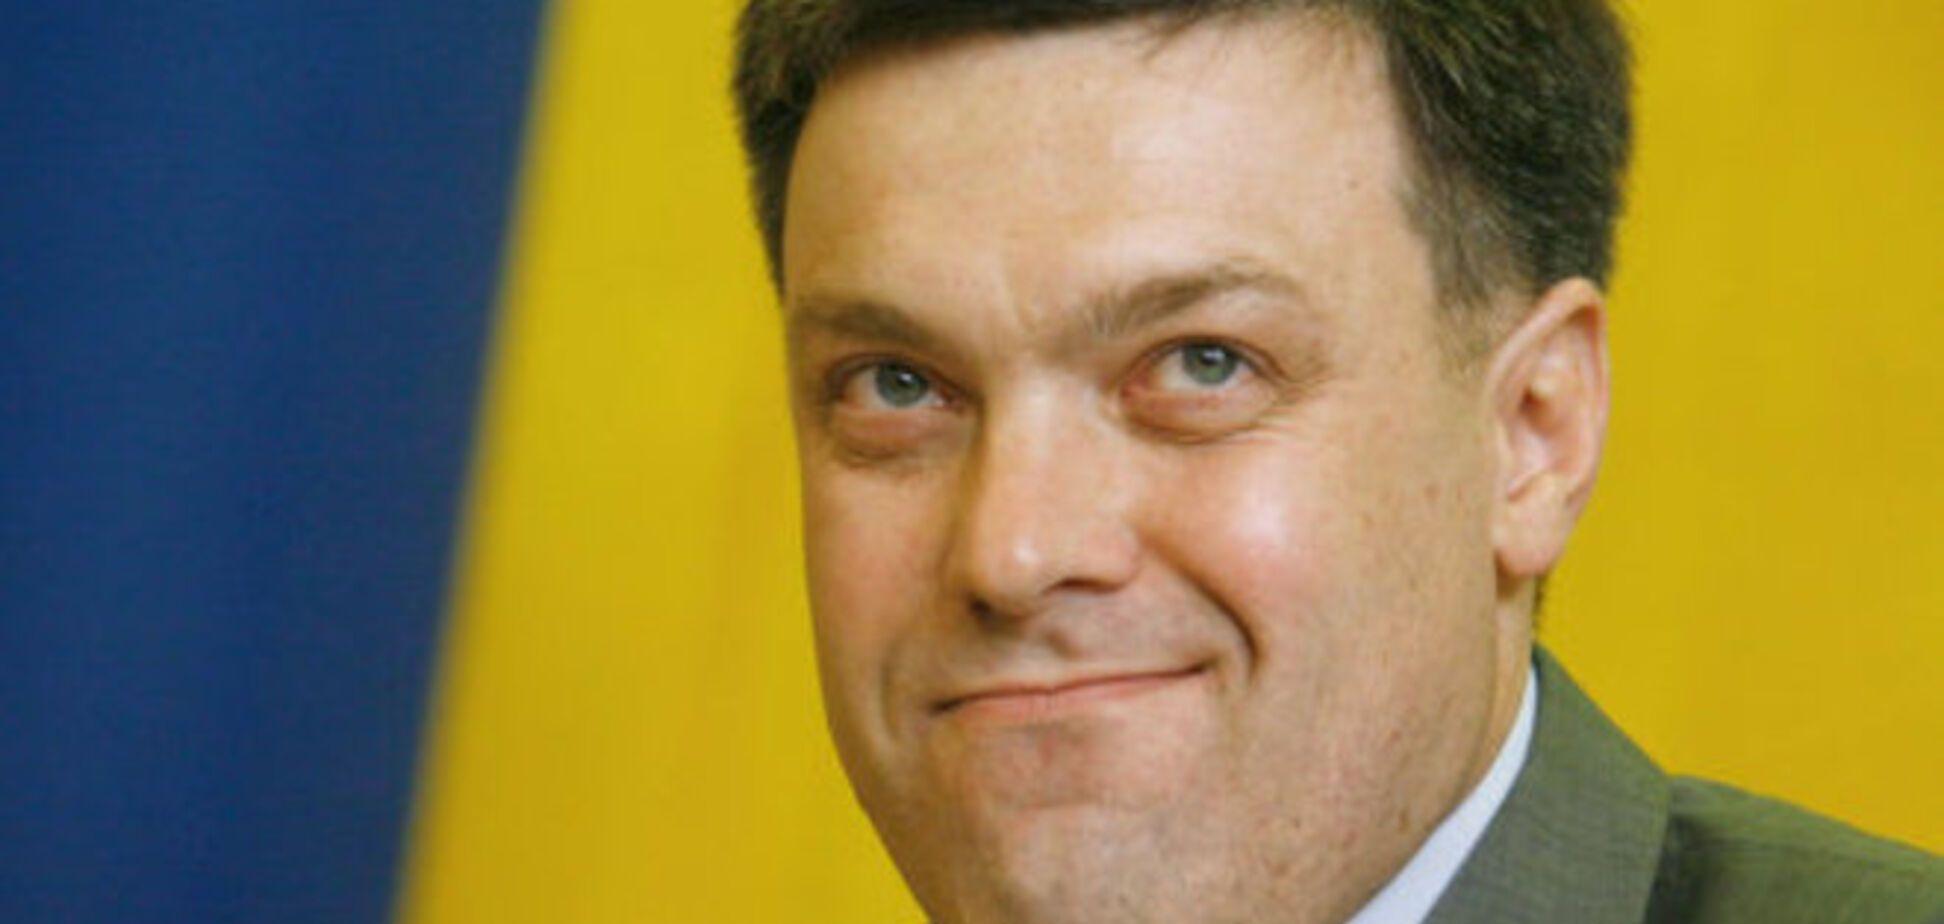 ТОП-10 самых забавных фото именинника Олега Тягнибока